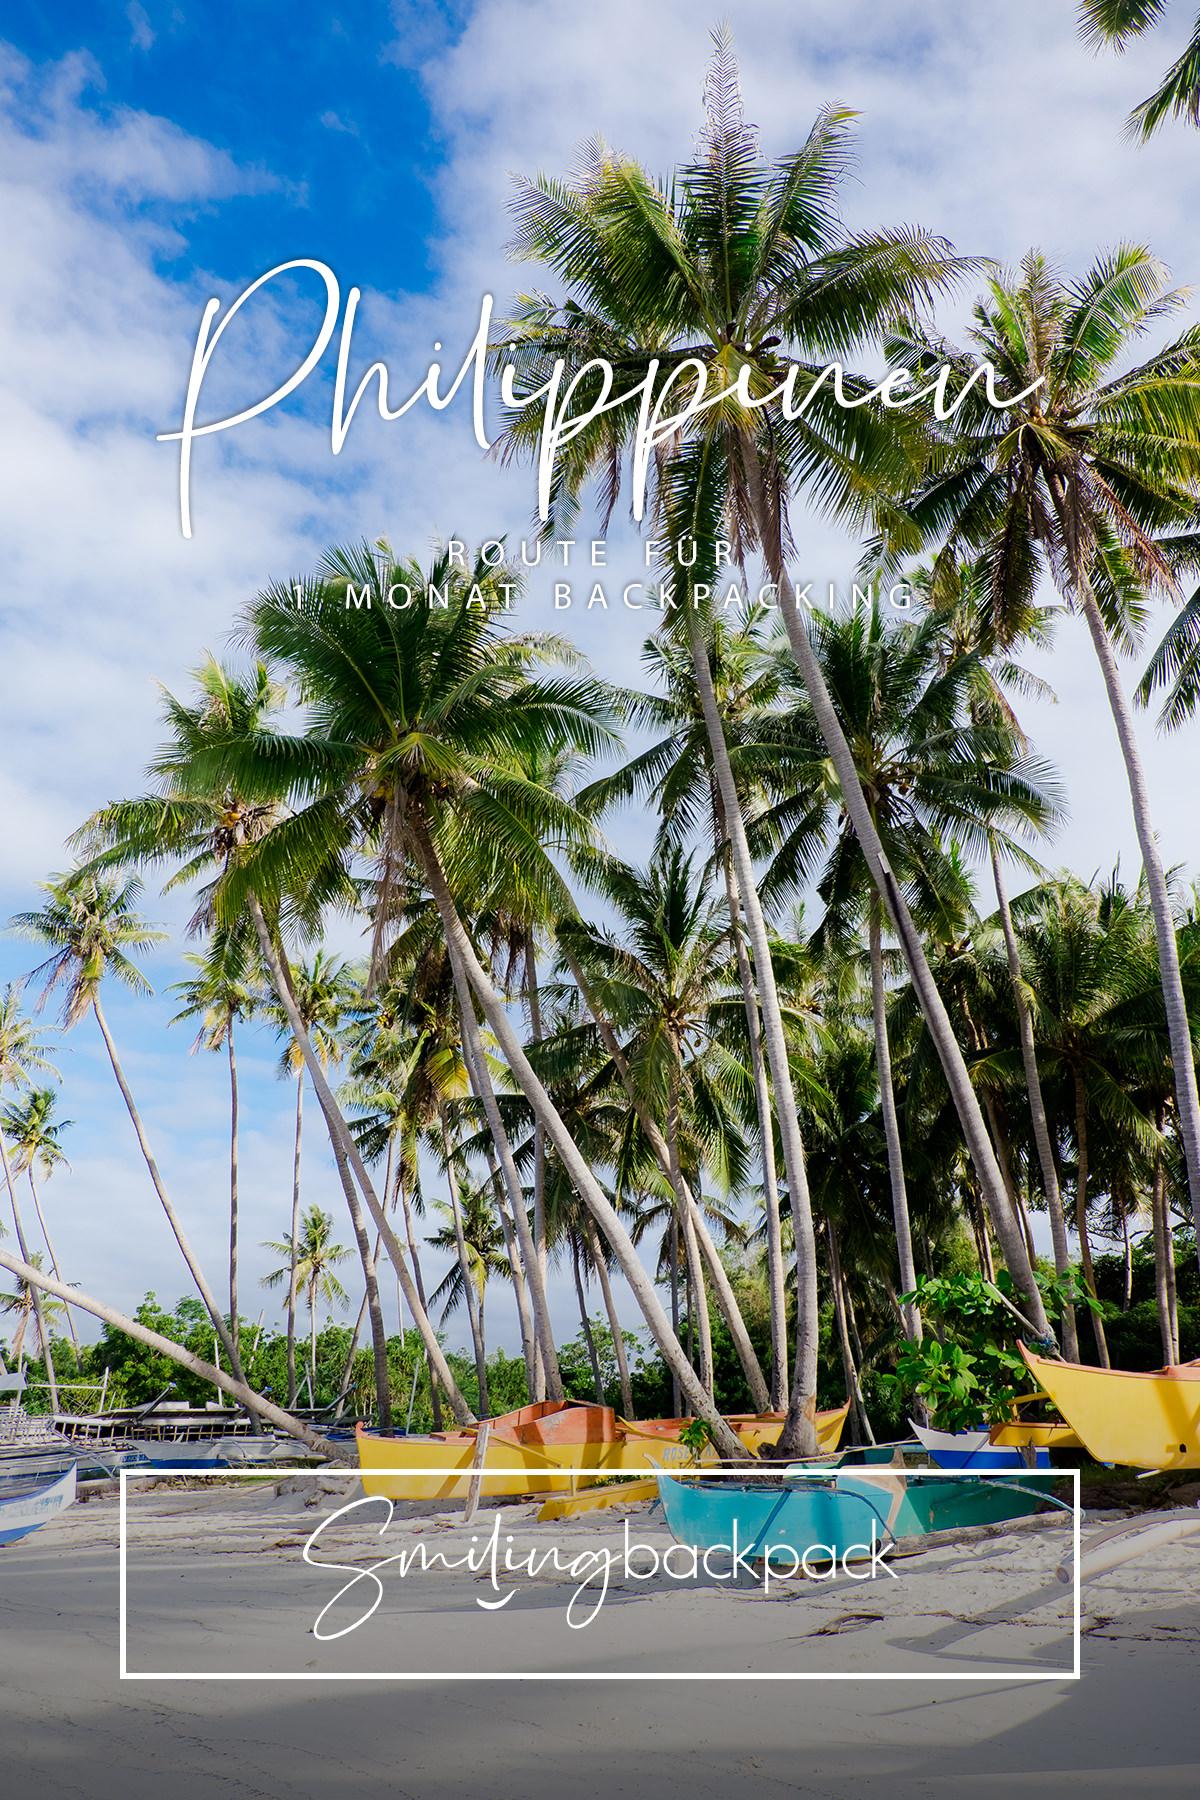 Route für 1 Monat Backpacking auf den Philippinen